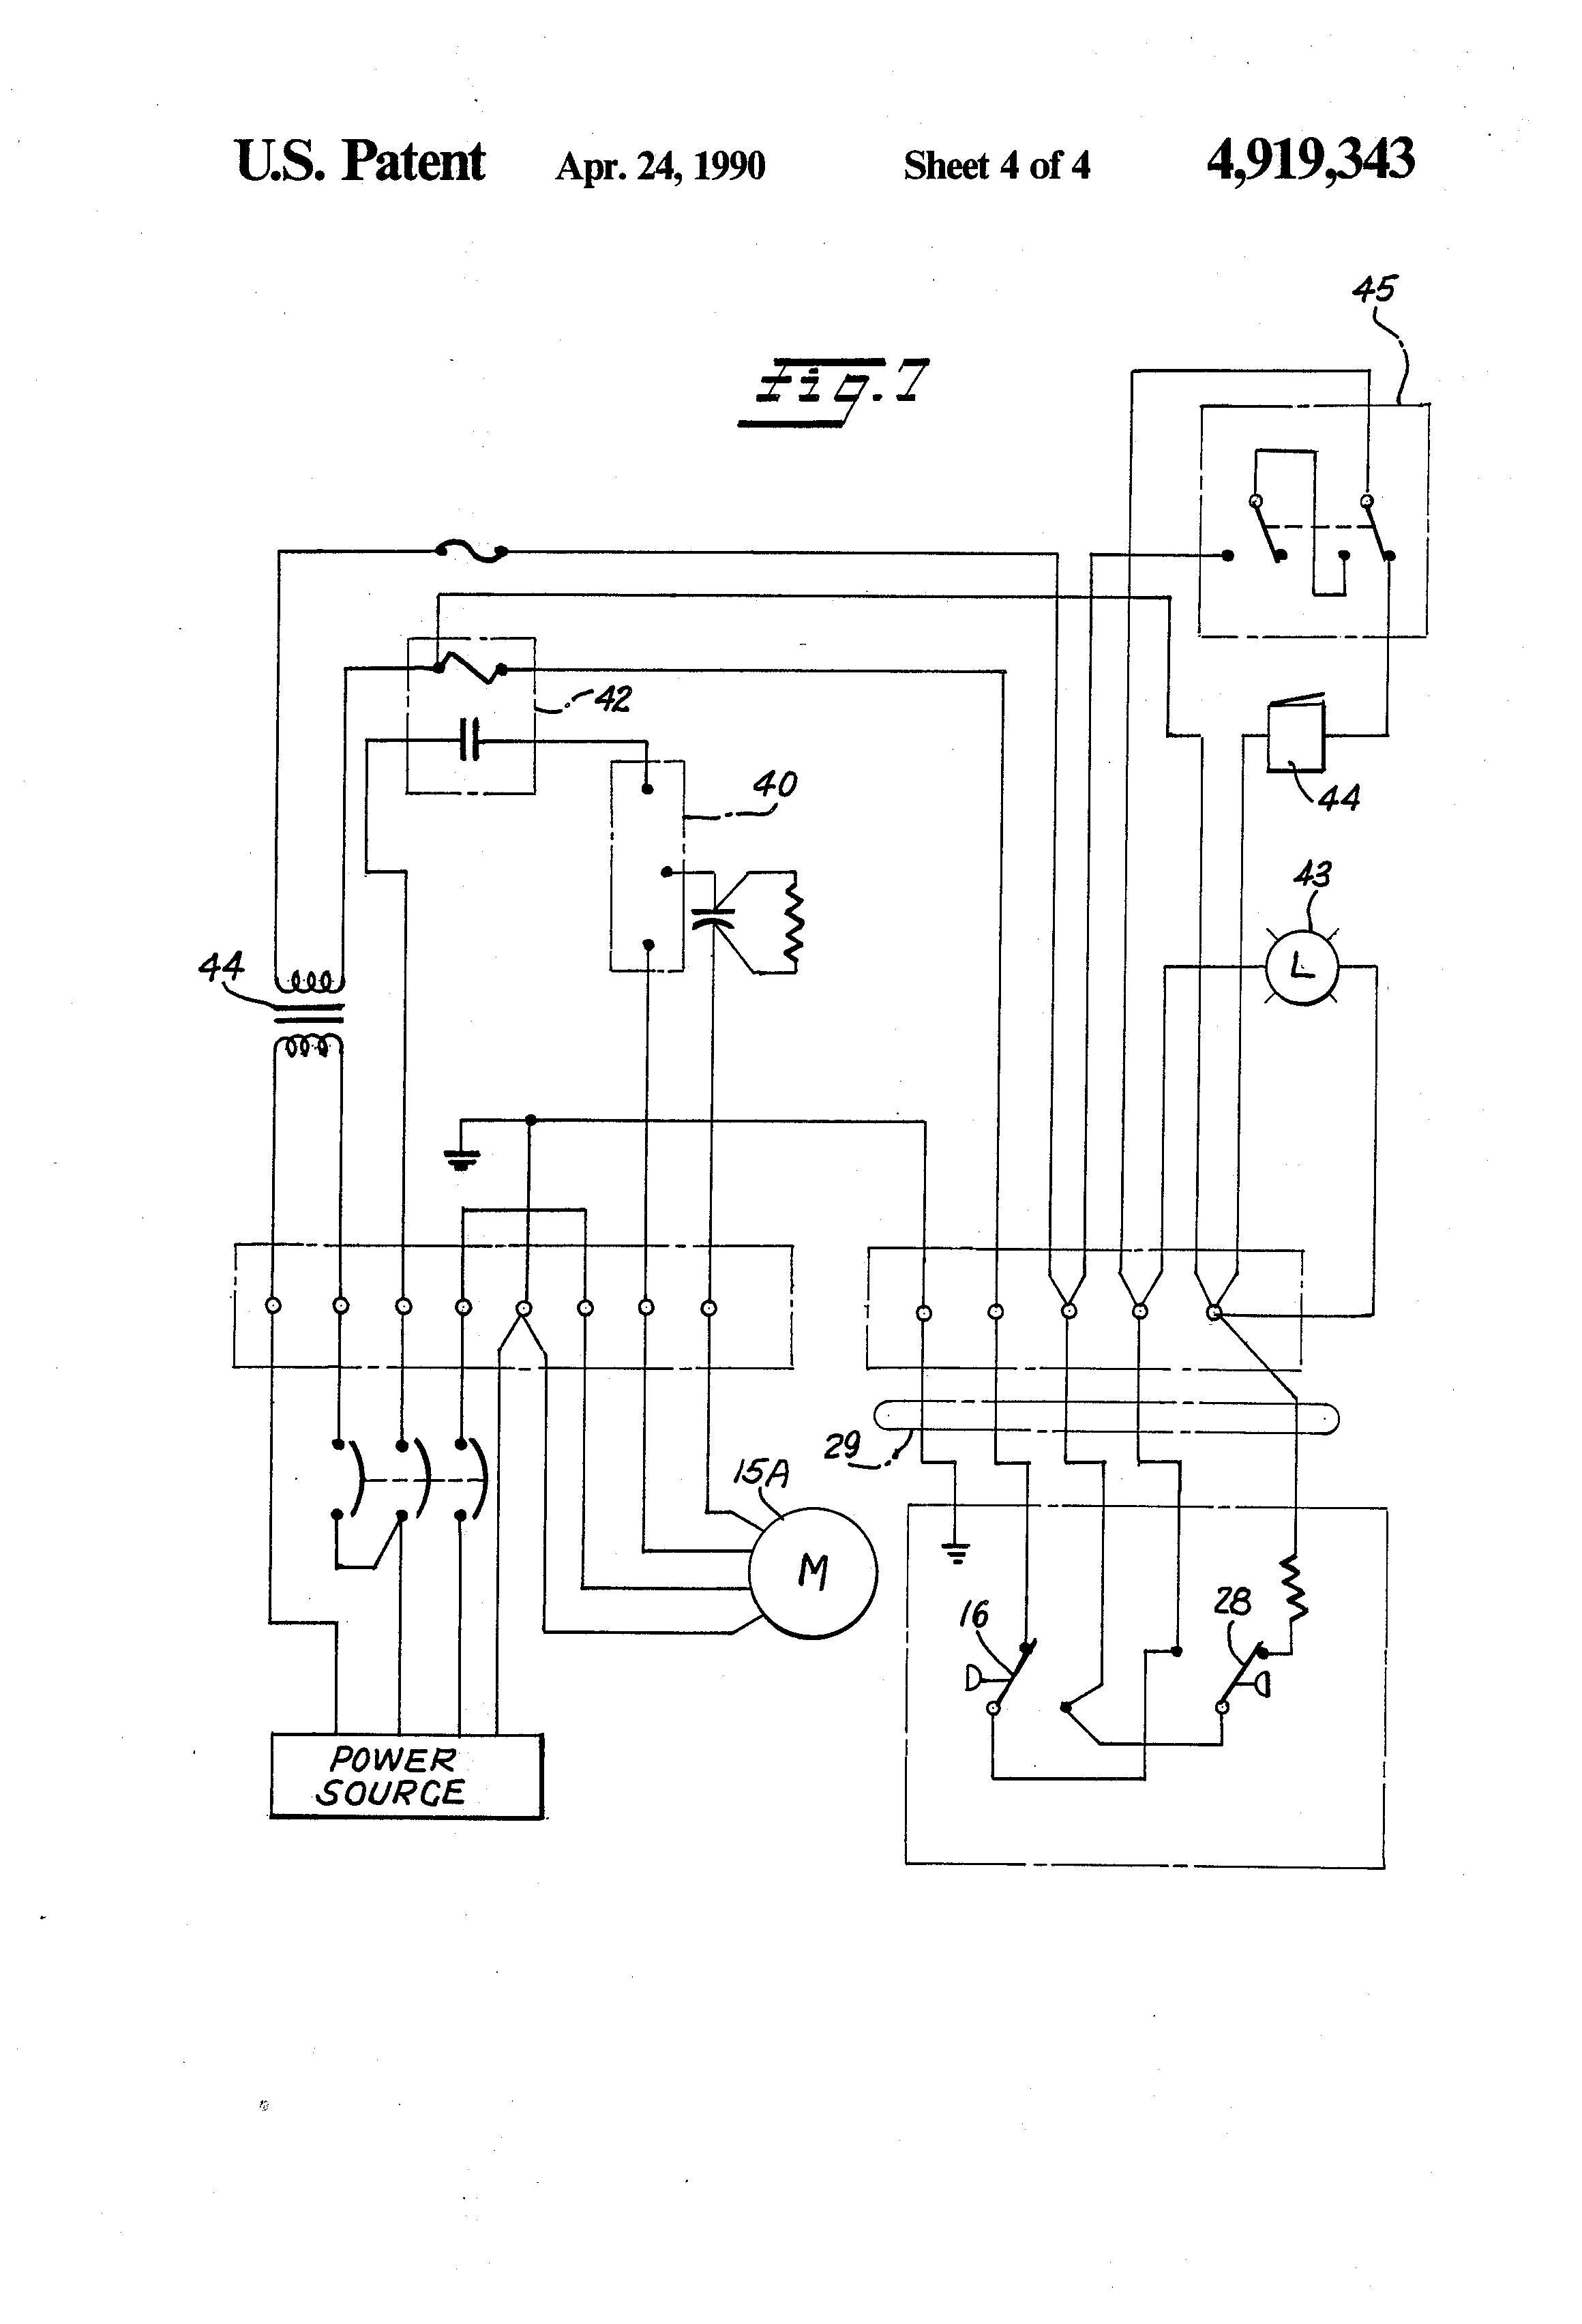 grinder wiring diagram free printable wiring diagrams